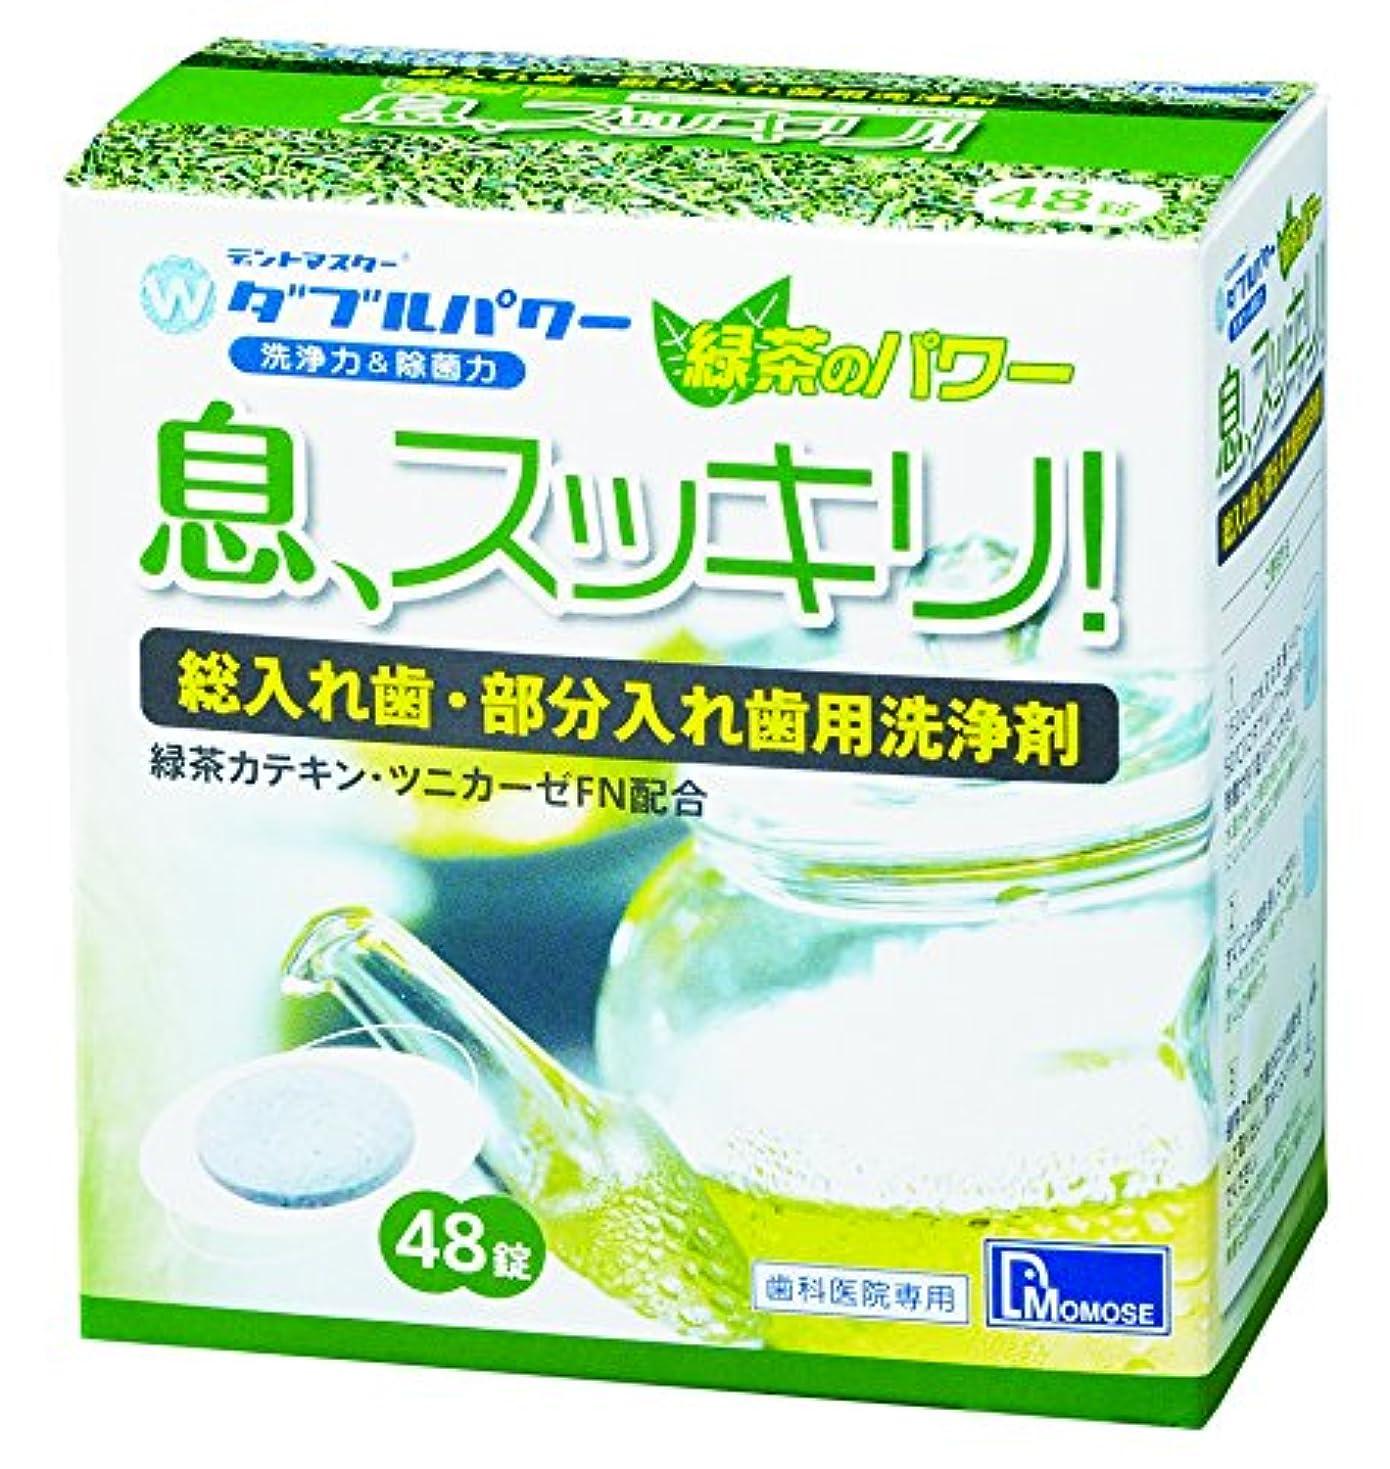 口径ワットタイプ入れ歯洗浄剤(息、スッキリ!) 1箱(48錠入) 48錠入り /8-6839-01